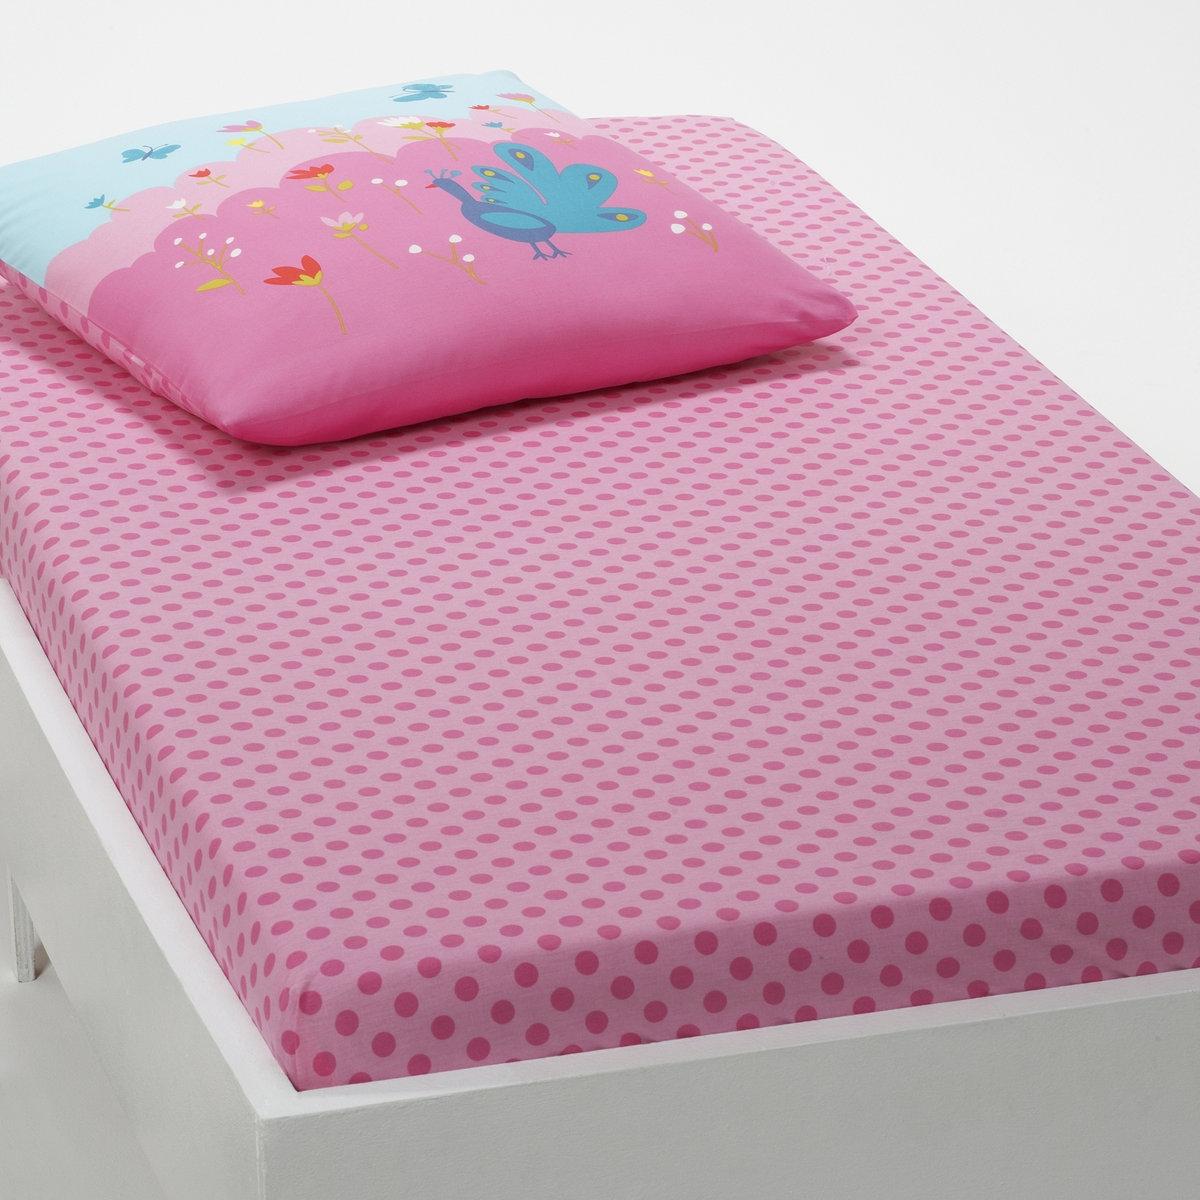 Натяжная простыня для девочек PETITE PRINCESSEХарактеристики детской простыни-наматрасника PETITE PRINCESSE : - Рисунок: розовый горошек на розовом фоне.  - 100% хлопка (57 нитей/см2). Чем больше нитей/см?, тем выше качество ткани.Размер на заказ:  90 x 200 см: 1-сп.<br><br>Цвет: розовый/ синий<br>Размер: 90 x 190  см